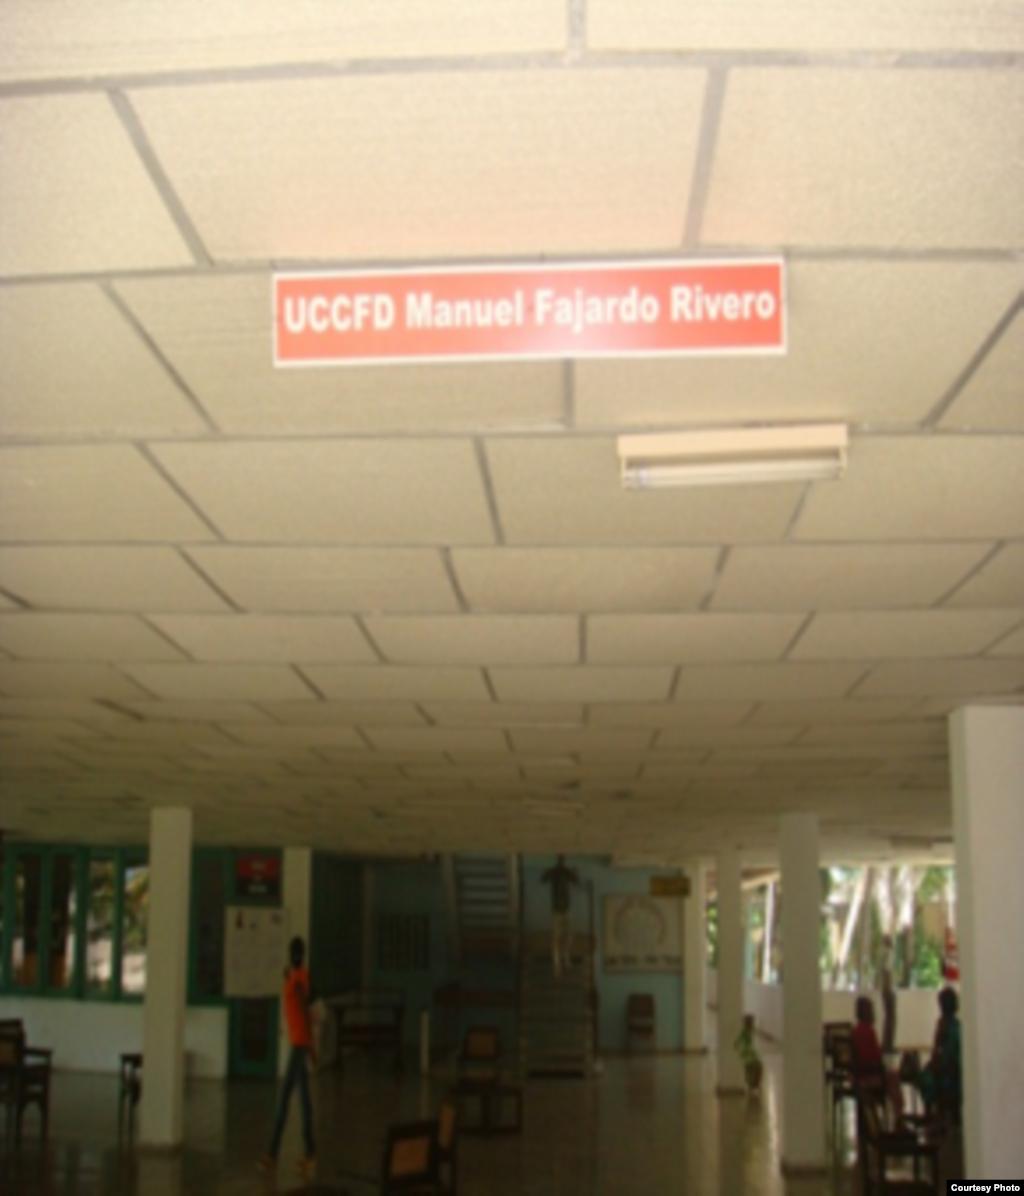 Un recorrido por un centro universitario en Santiago de Cuba, a pocos días de iniciarse el curso escolar 2010-2013 muestra el deterioro de las instalaciones.